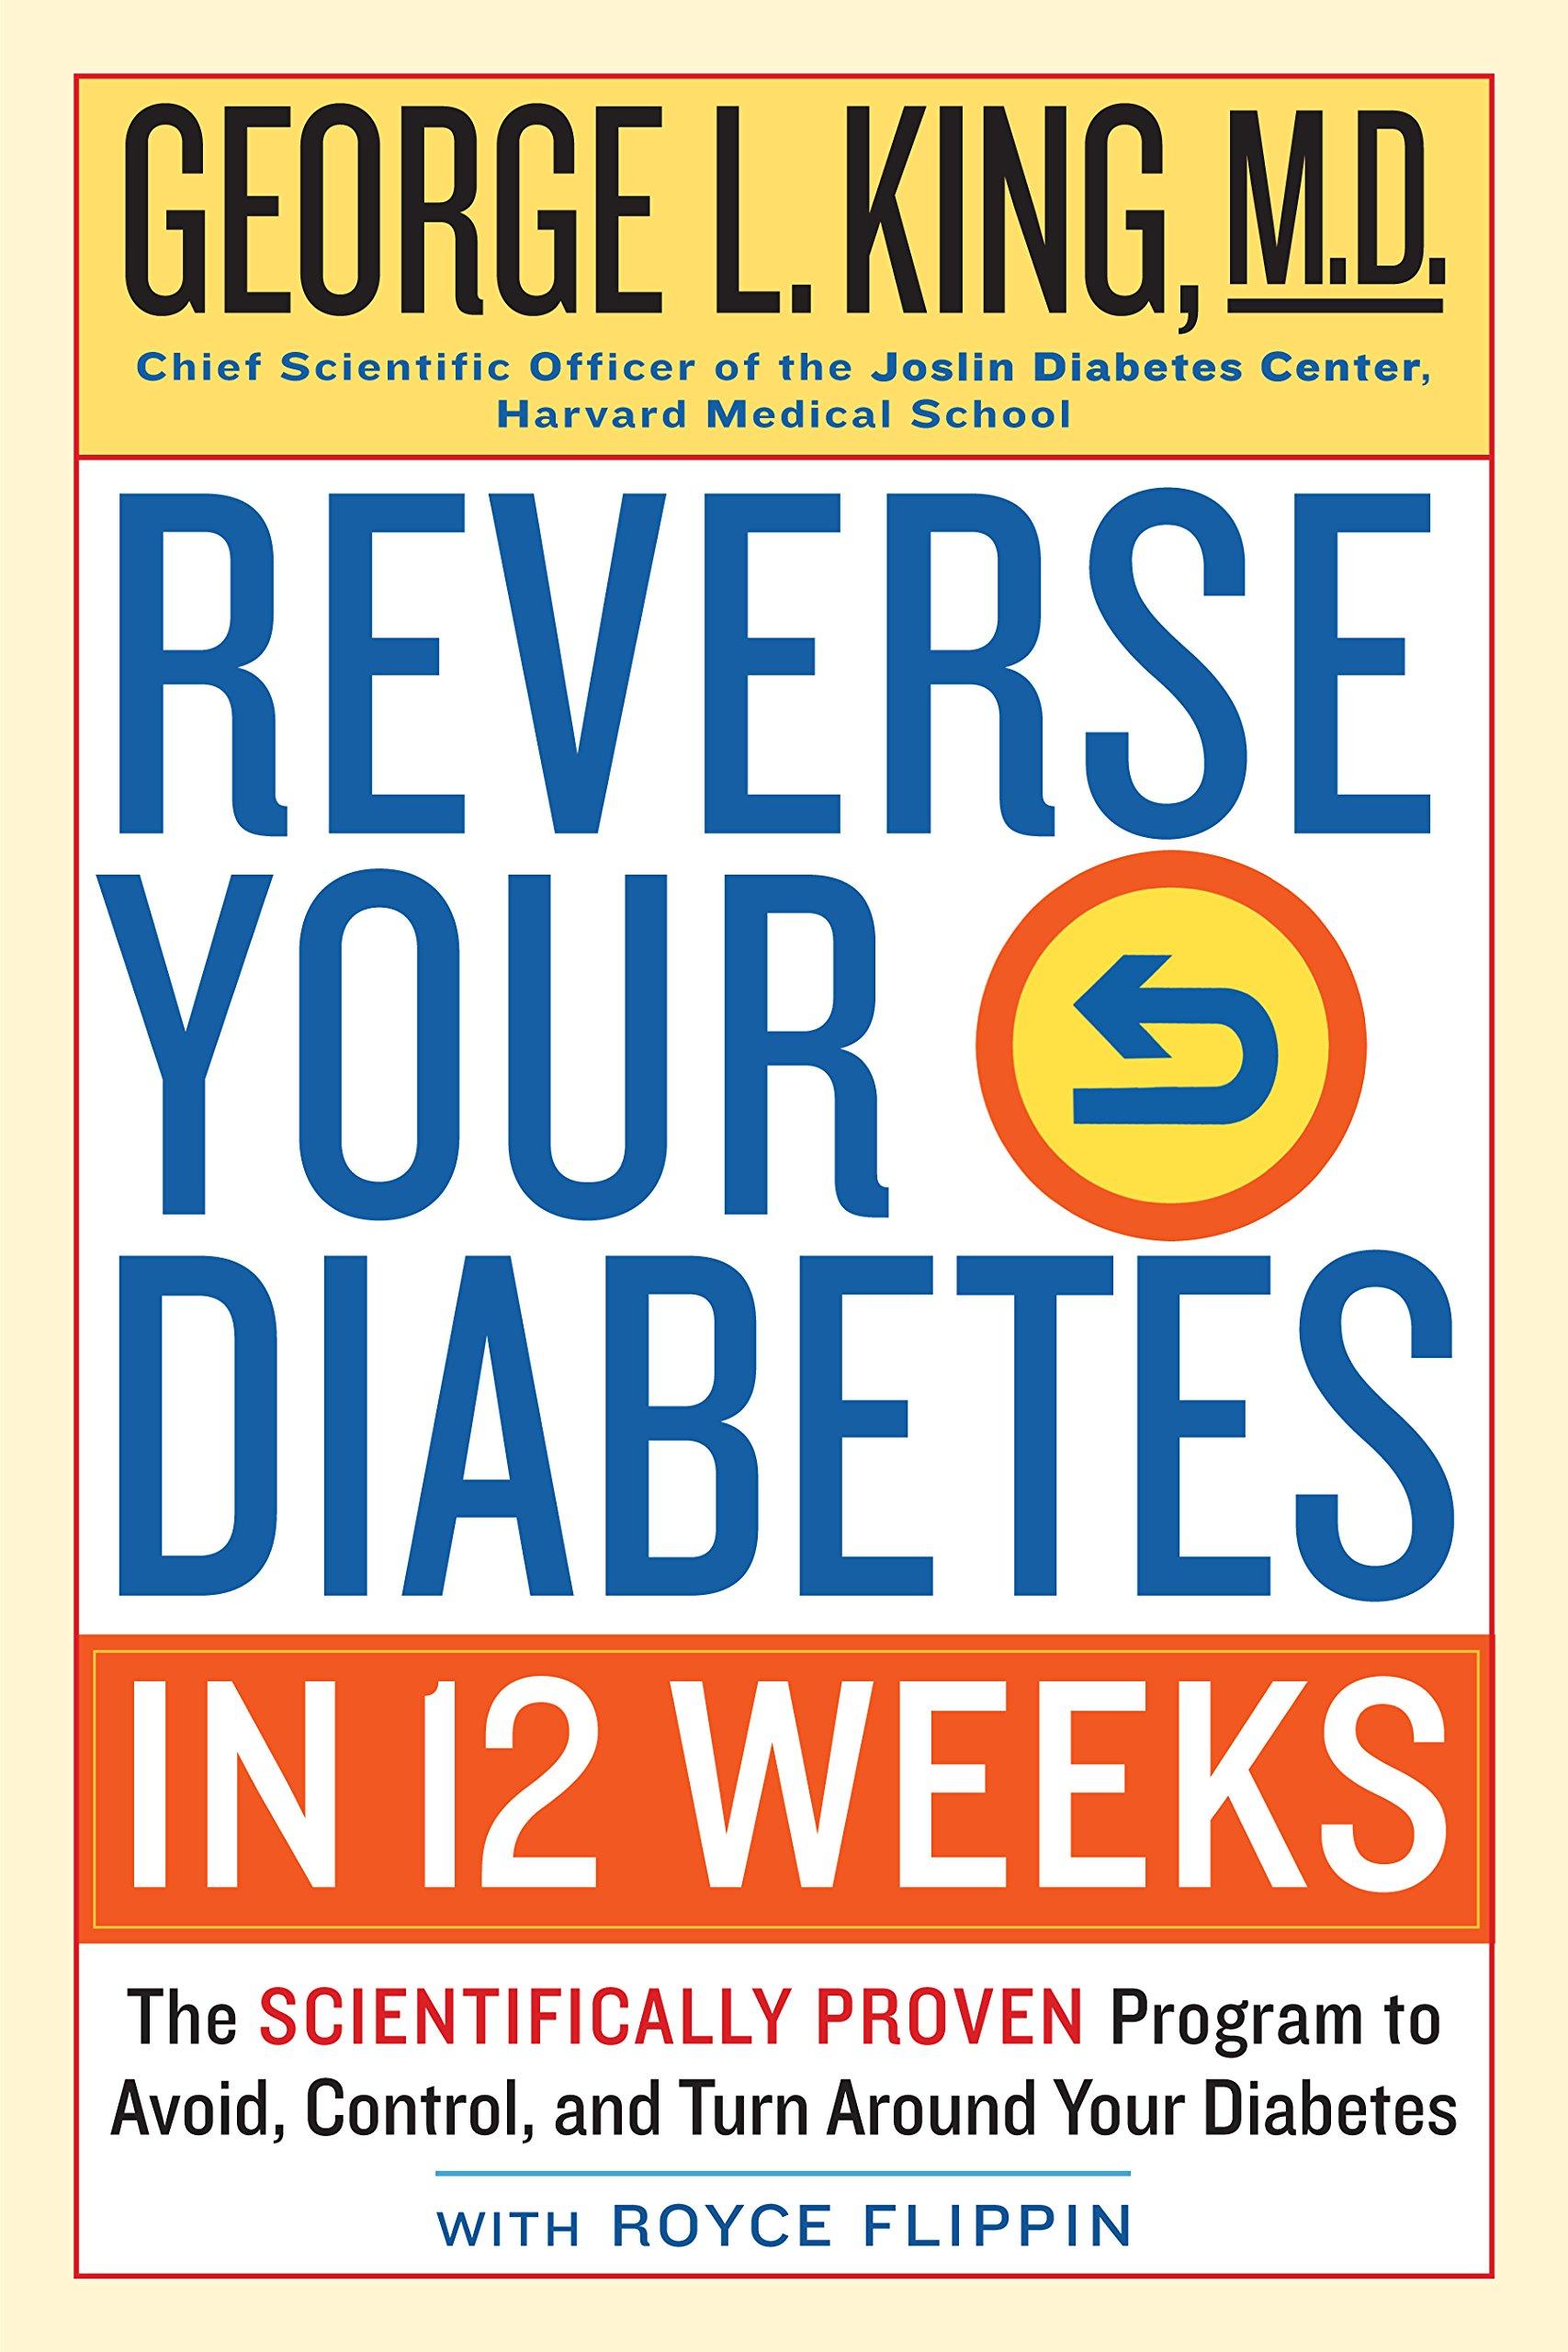 diabetes cure harvard